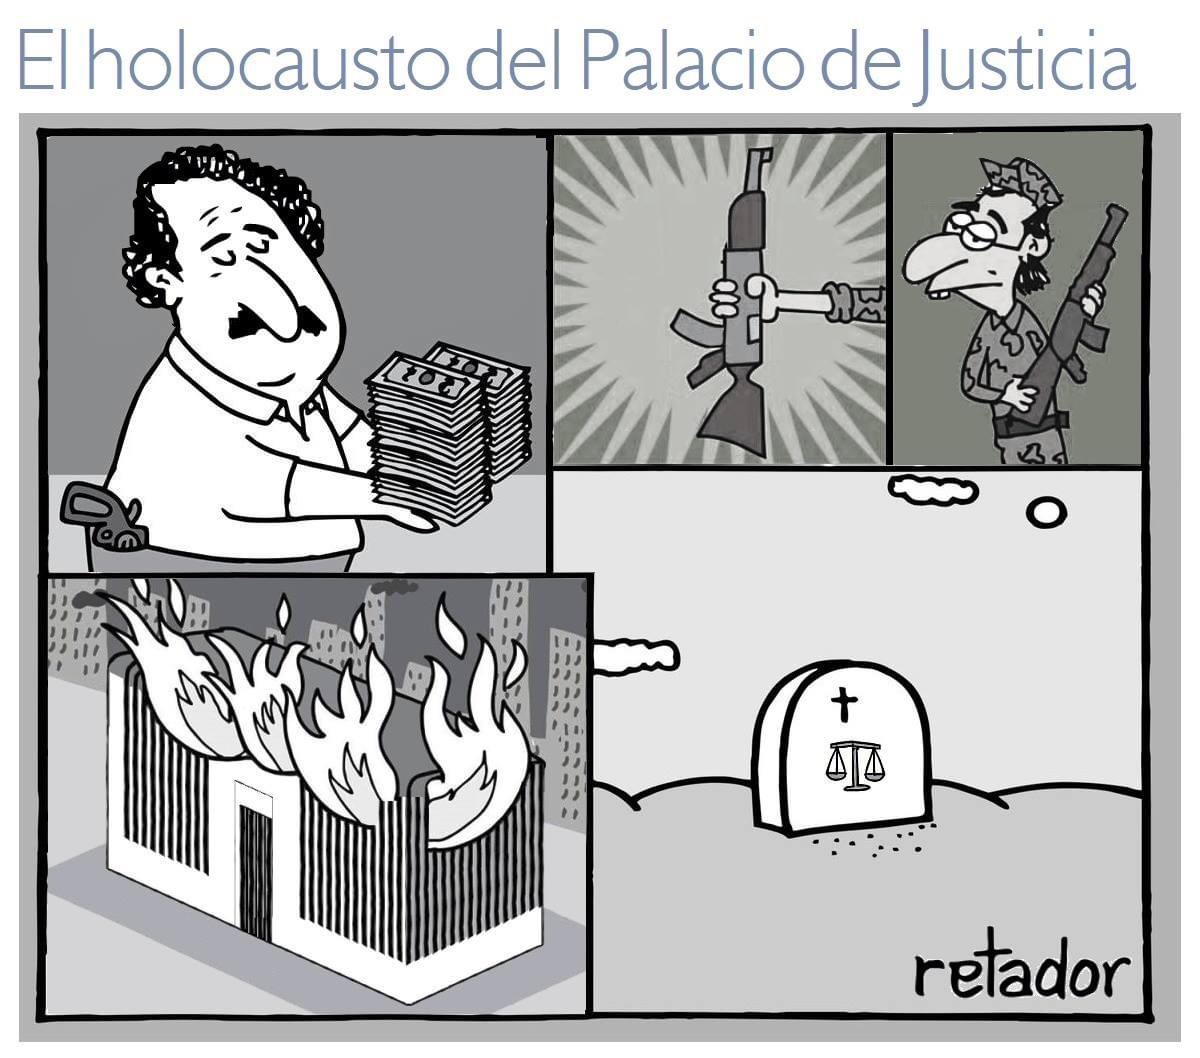 El holocausto-Retador